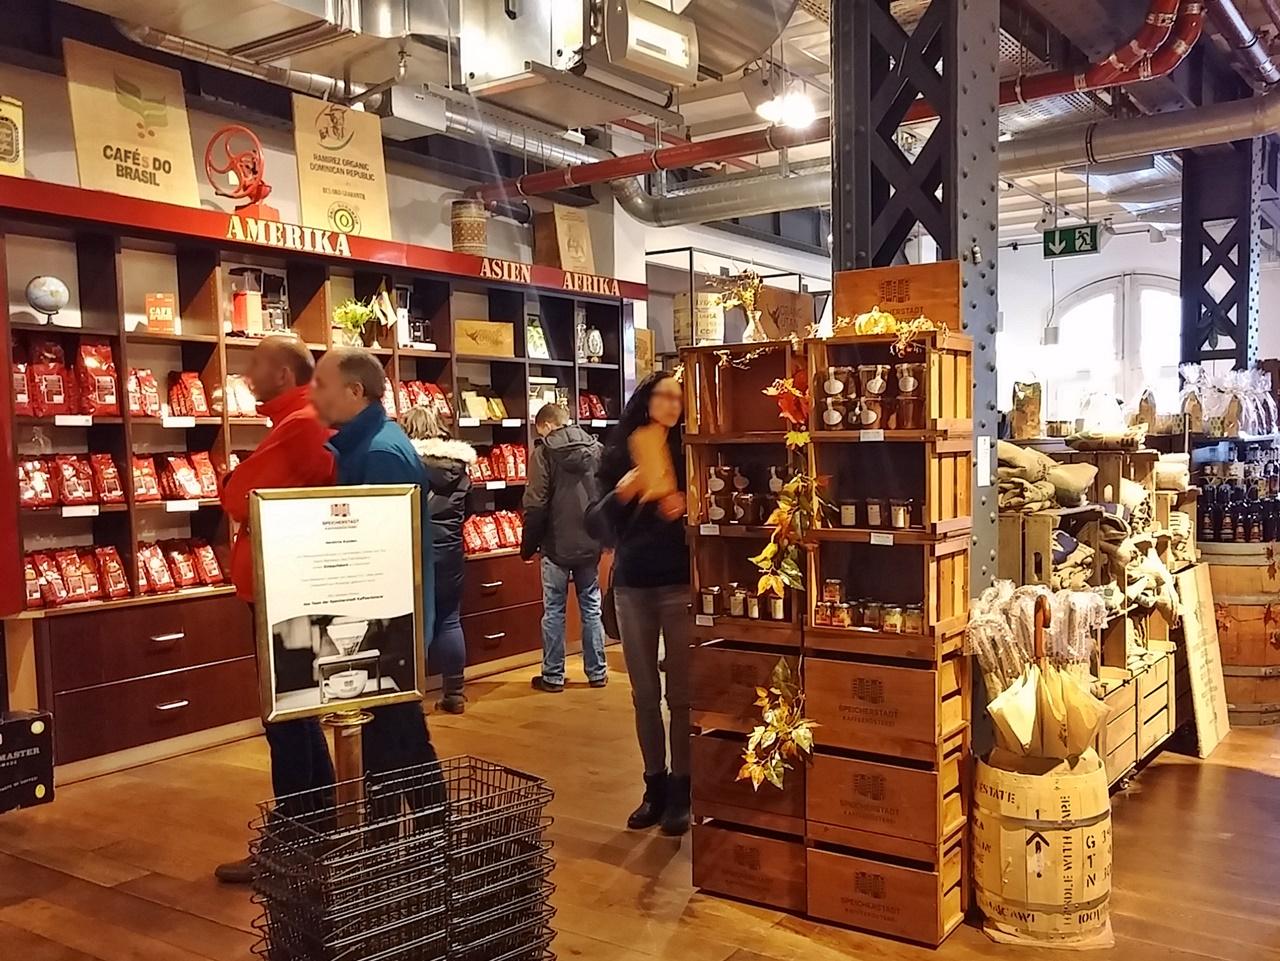 Fabrikverkauf in der Kaffeerösterei